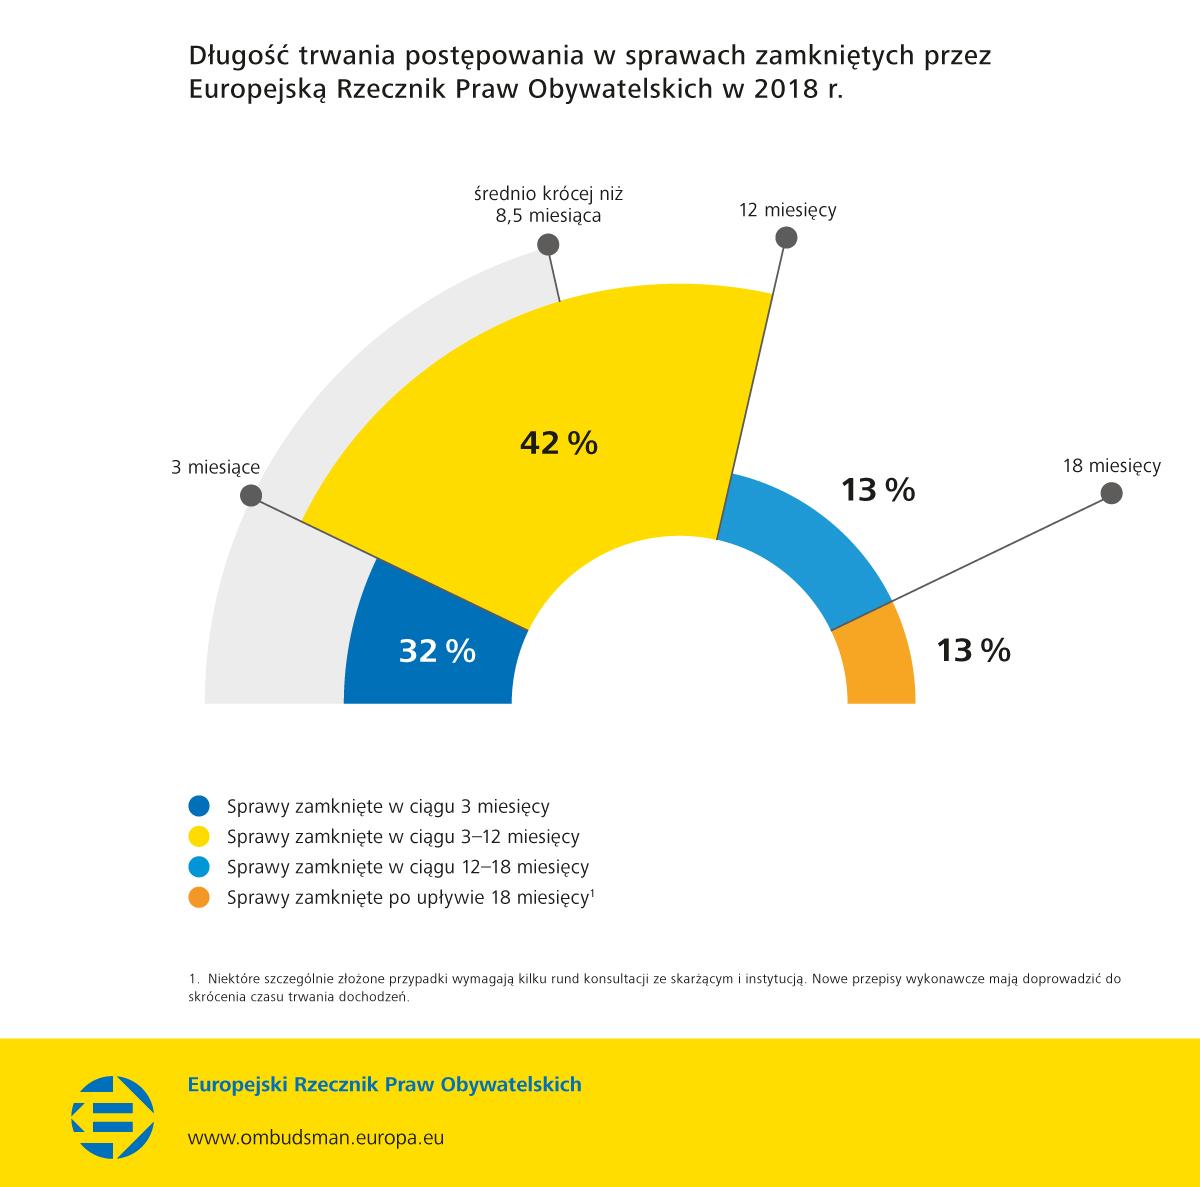 Długość trwania postępowania w sprawach zamkniętych przez Europejską Rzecznik Praw Obywatelskich w 2018 r.